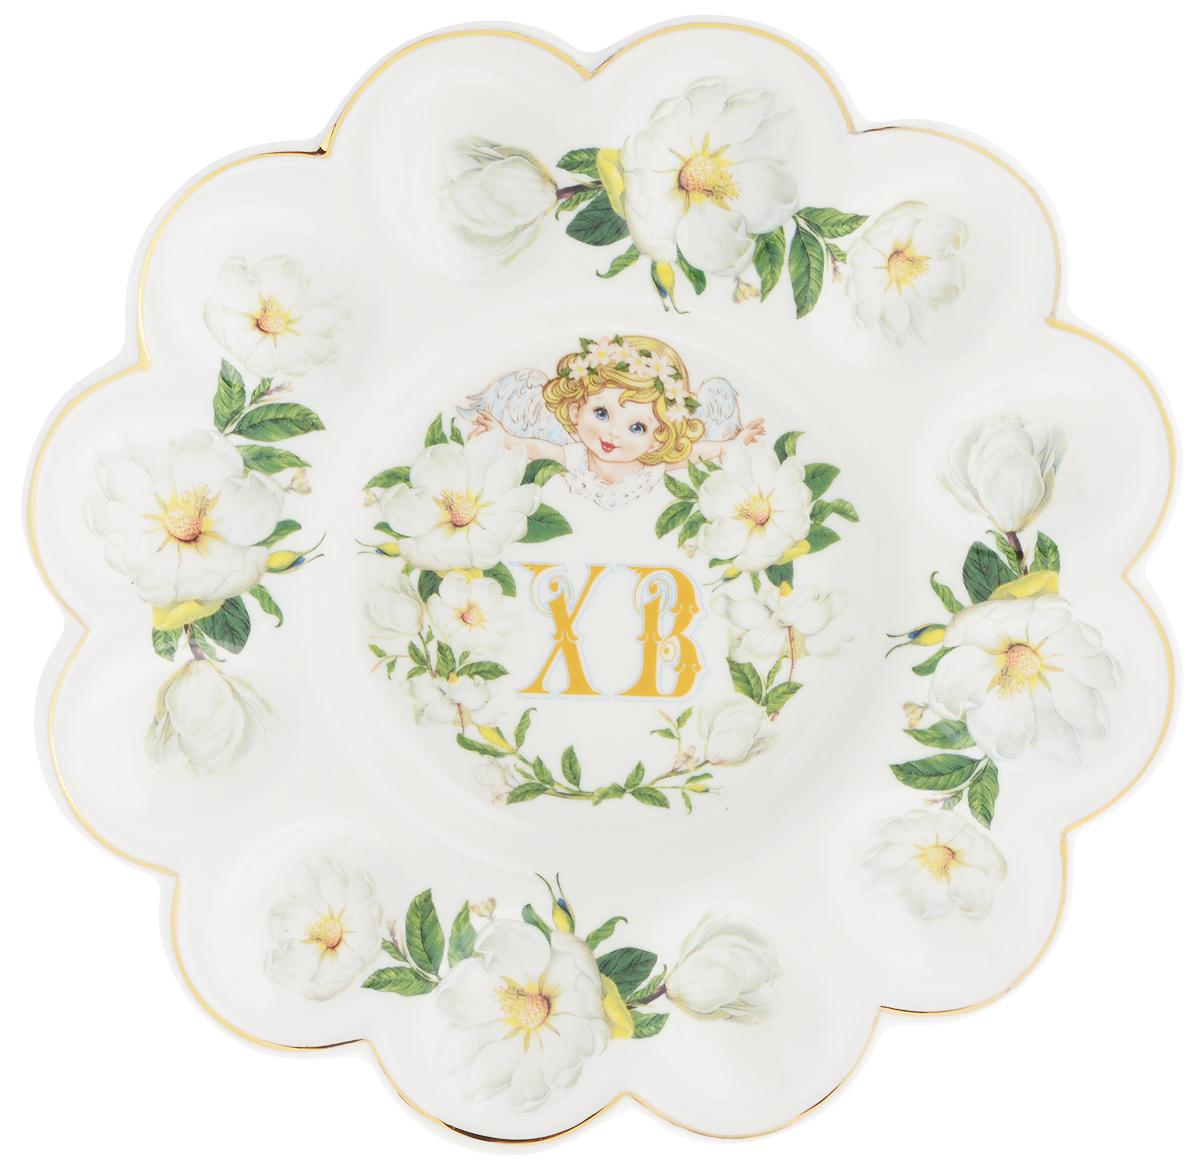 Тарелка для фаршированных яиц Elan Gallery ХВ. Белый шиповник, диаметр 24 см740250Тарелка для фаршированных яиц Elan Gallery ХВ. Белый шиповник, изготовленная из высококачественной керамики, украсит ваш праздничный стол. На изделии имеются специальные углубления для 12 яиц. Тарелка оформлена цветочным рисунком.Такая тарелка украсит сервировку вашего стола и подчеркнет прекрасный вкус хозяйки. Не рекомендуется применять абразивные моющие средства. Не использовать в микроволновой печи.